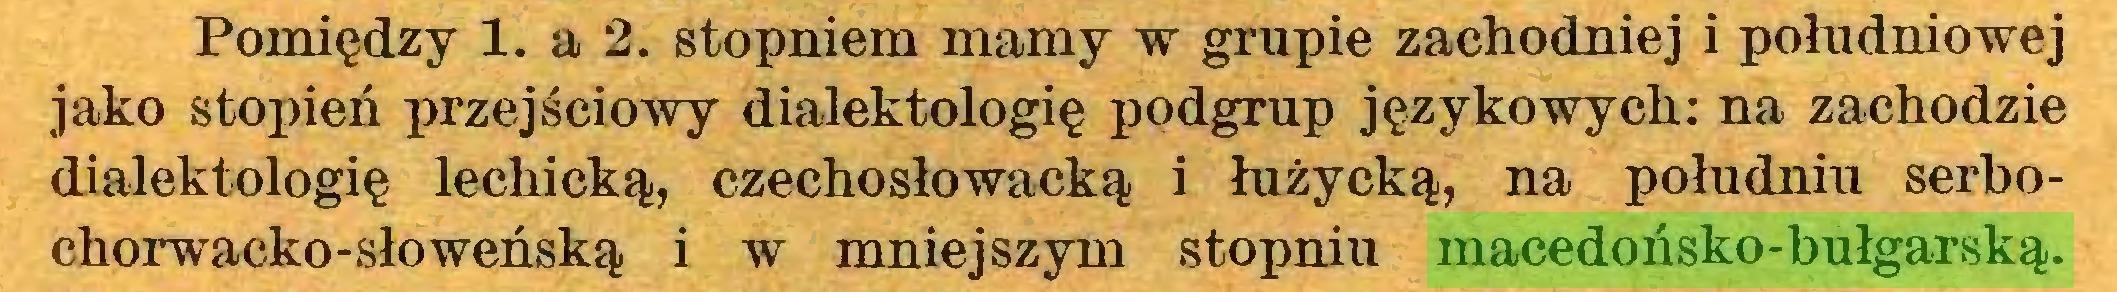 (...) Pomiędzy 1. a 2. stopniem mamy w grupie zachodniej i południowej jako stopień przejściowy dialektologię podgrup językowych: na zachodzie dialektologię lechicką, czechosłowacką i łużycką, na południu serbochorwacko-słoweńską i w mniejszym stopniu macedońsko-bułgarską...